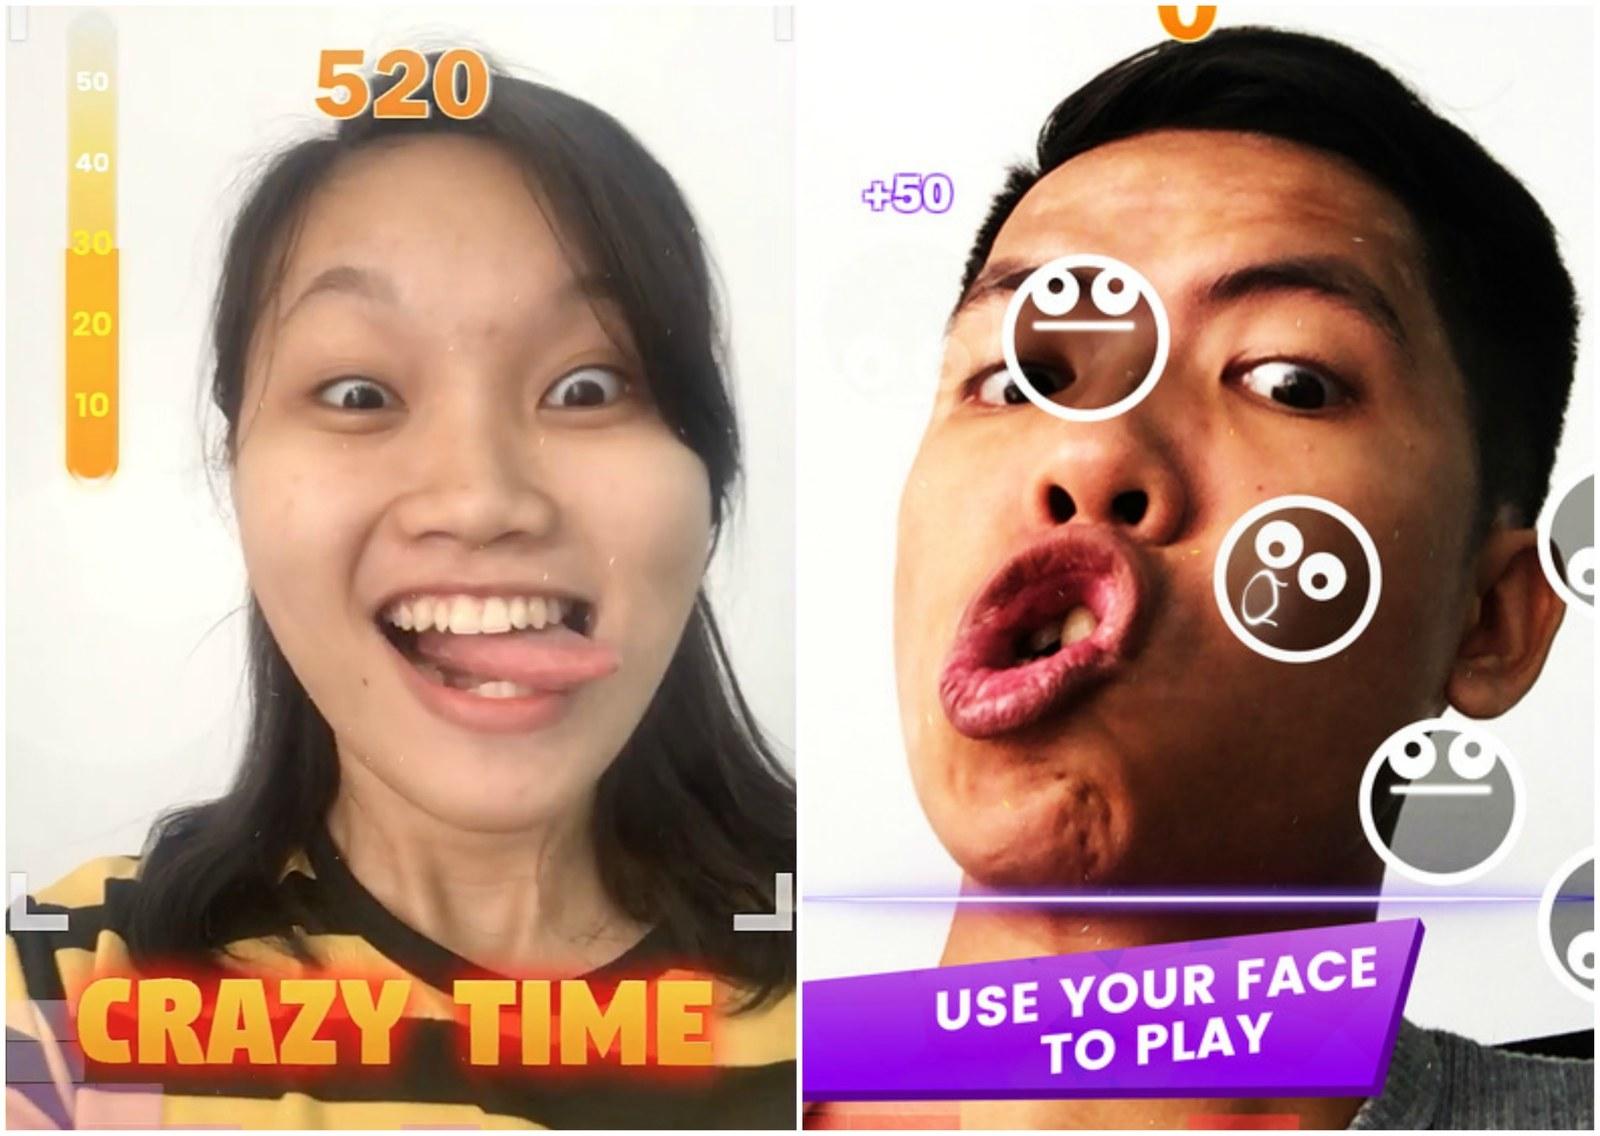 新感覚で楽しめる音楽ゲーム「FaceDance Challenge!」が現在、変顔を極めた人にぴったりなアプリだとネットで話題になっています。